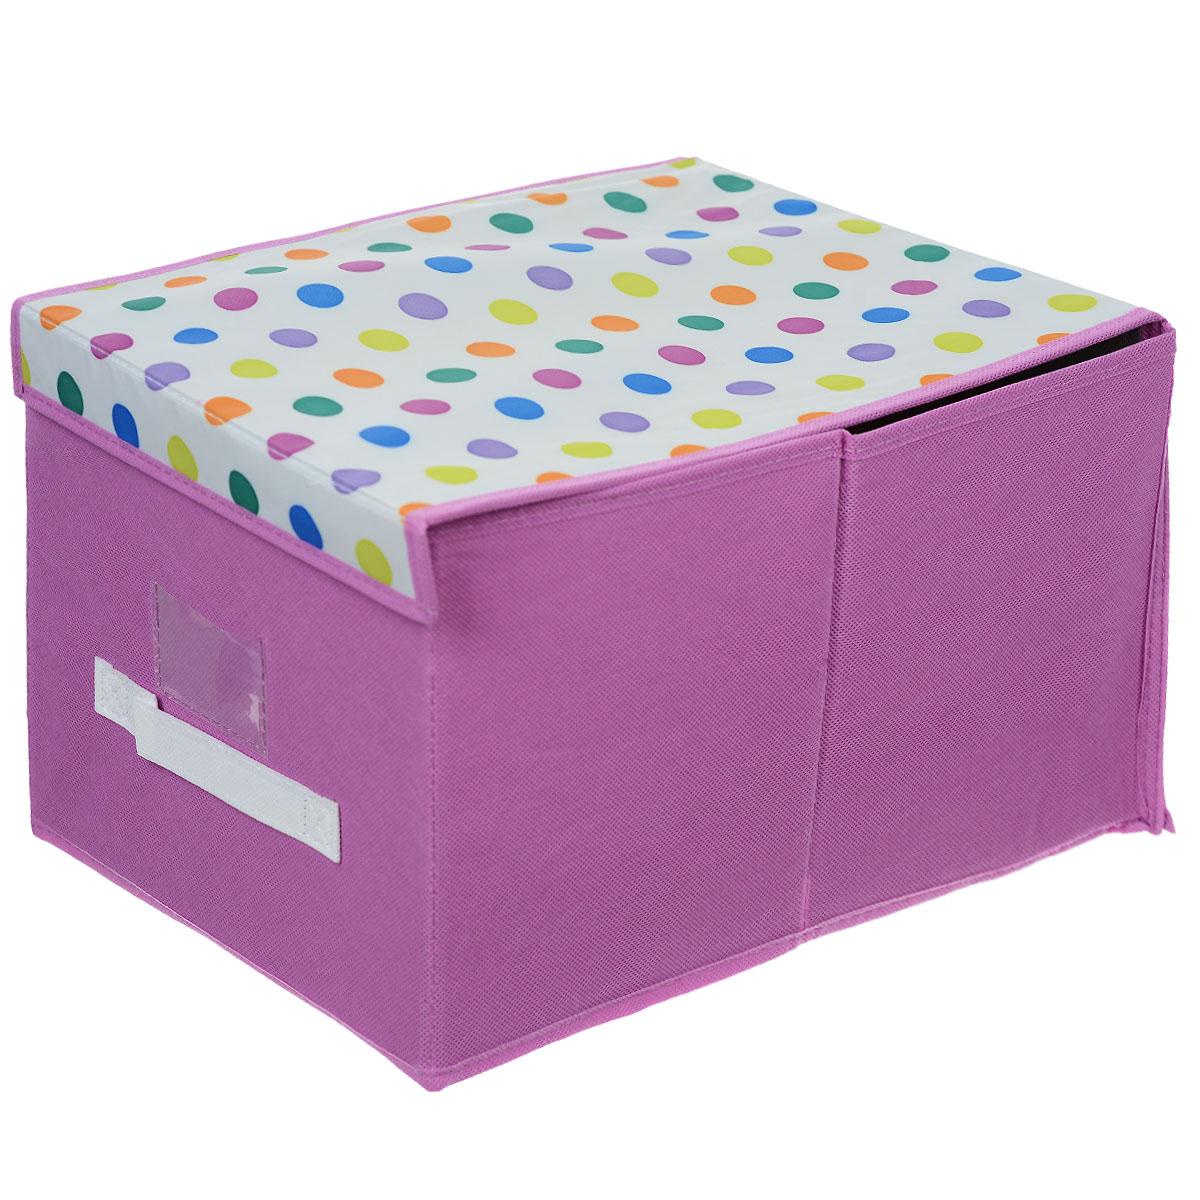 Чехол-коробка Voila Кидс, цвет: сиреневый, белый, 30 х 40 х 25 смМ471Чехол-коробка Voila Кидс поможет легко и красиво организовать пространство в детской комнате. Изделие выполнено из полиэстера и нетканого материала, прочность каркаса обеспечивается наличием внутри плотных и толстых листов картона. Чехол-коробка закрывается крышкой на две липучки, что поможет защитить вещи от пыли и грязи. Сбоку имеется ручка. Такой чехол идеально подойдет для хранения игрушек и детских вещей. Яркий дизайн изделия привлечет внимание ребенка и вызовет у него желание самостоятельно убирать игрушки. Складная конструкция обеспечивает компактное хранение.